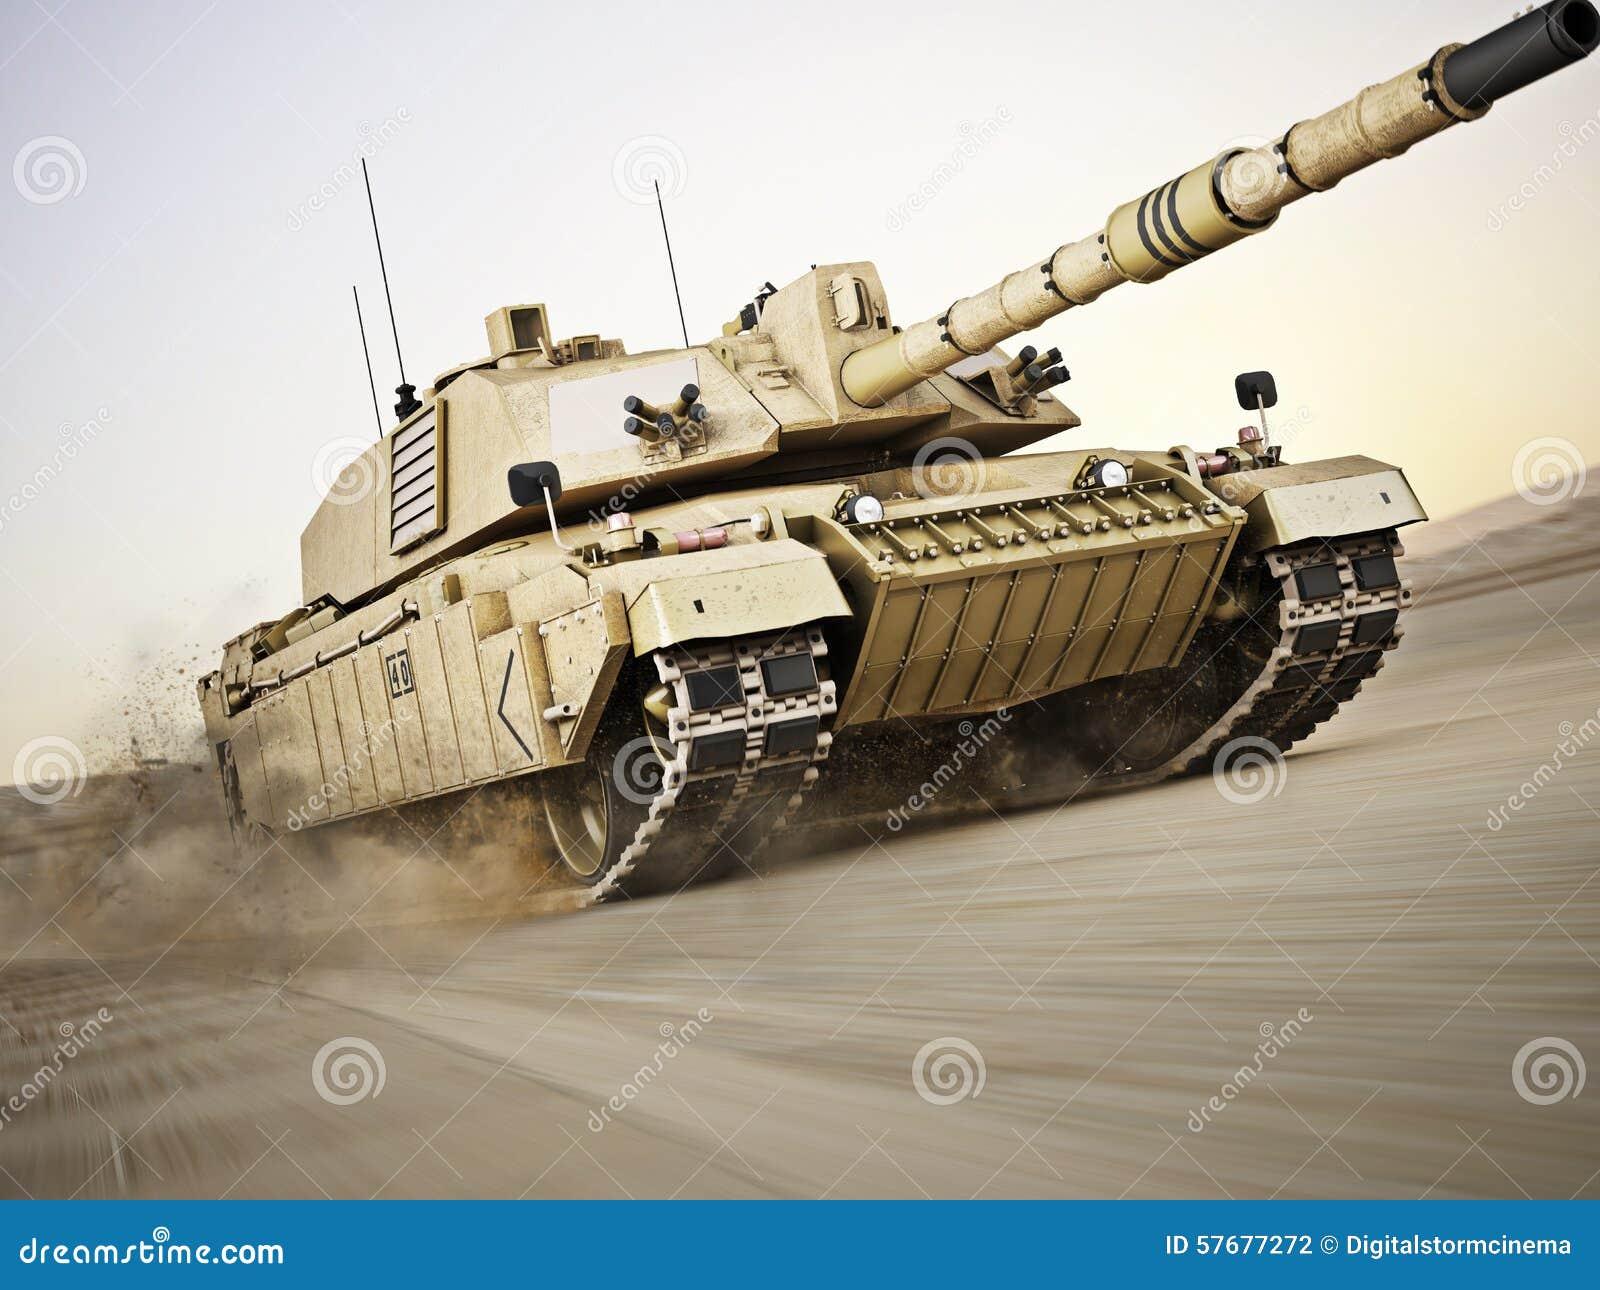 以高速率移动速度的军事装甲的坦克